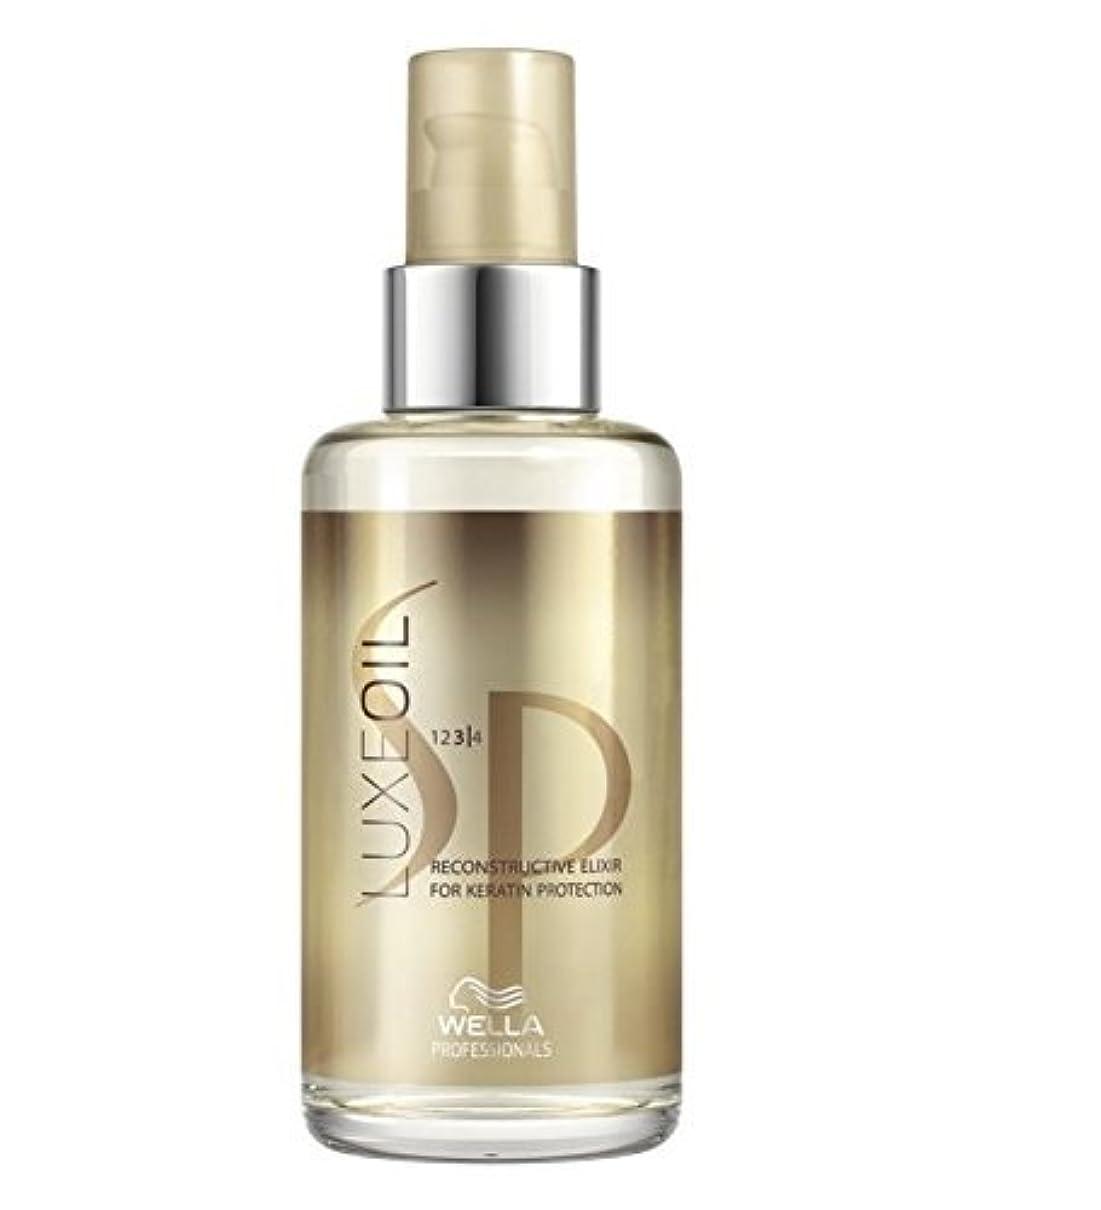 ヒントインフルエンザしてはいけないSP by Wella Luxe Hair Oil Reconstructive Elixir 100ml by Wella [並行輸入品]